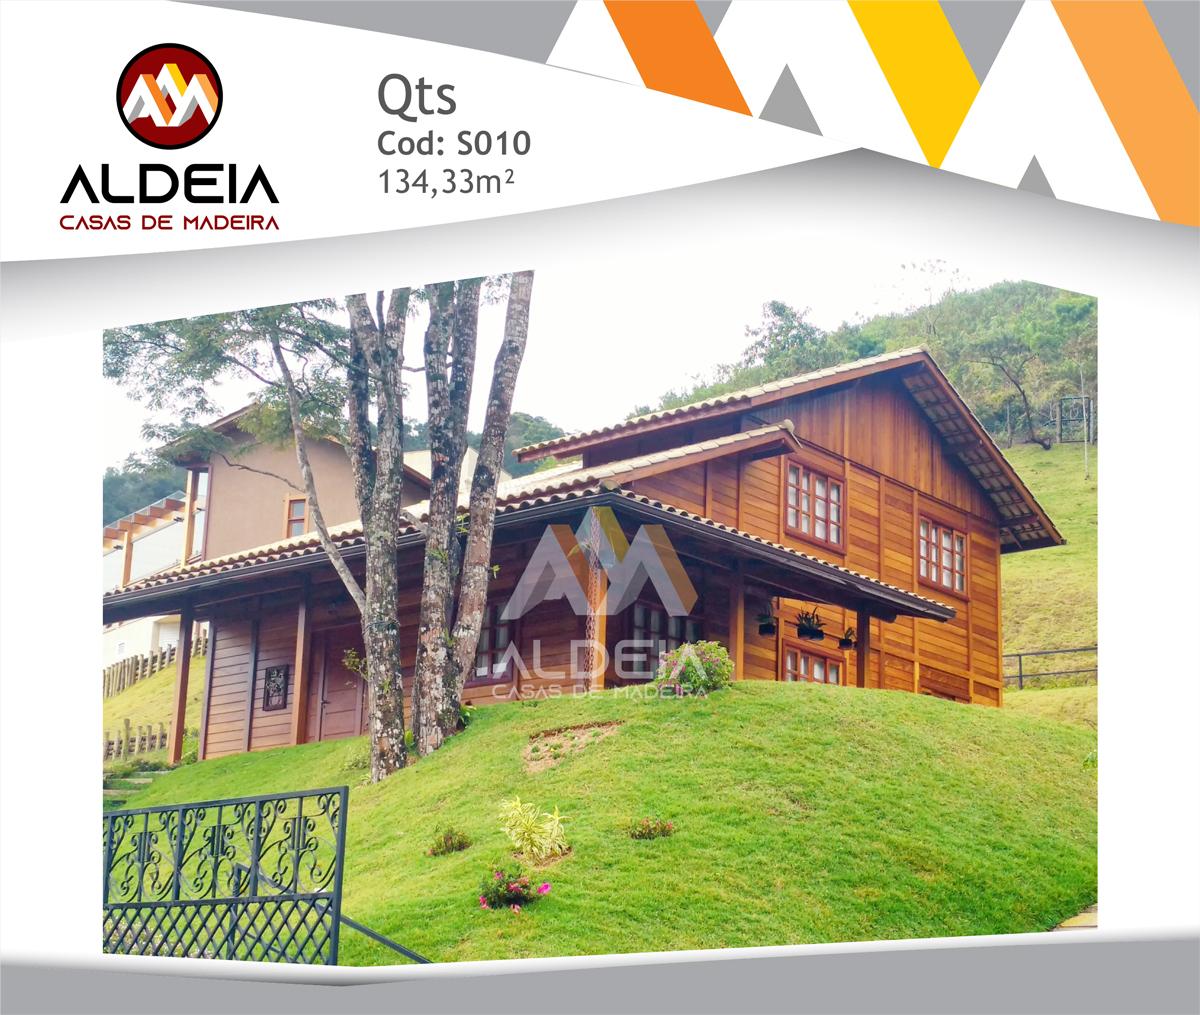 aldeia-casas-madeira-fachada-S010